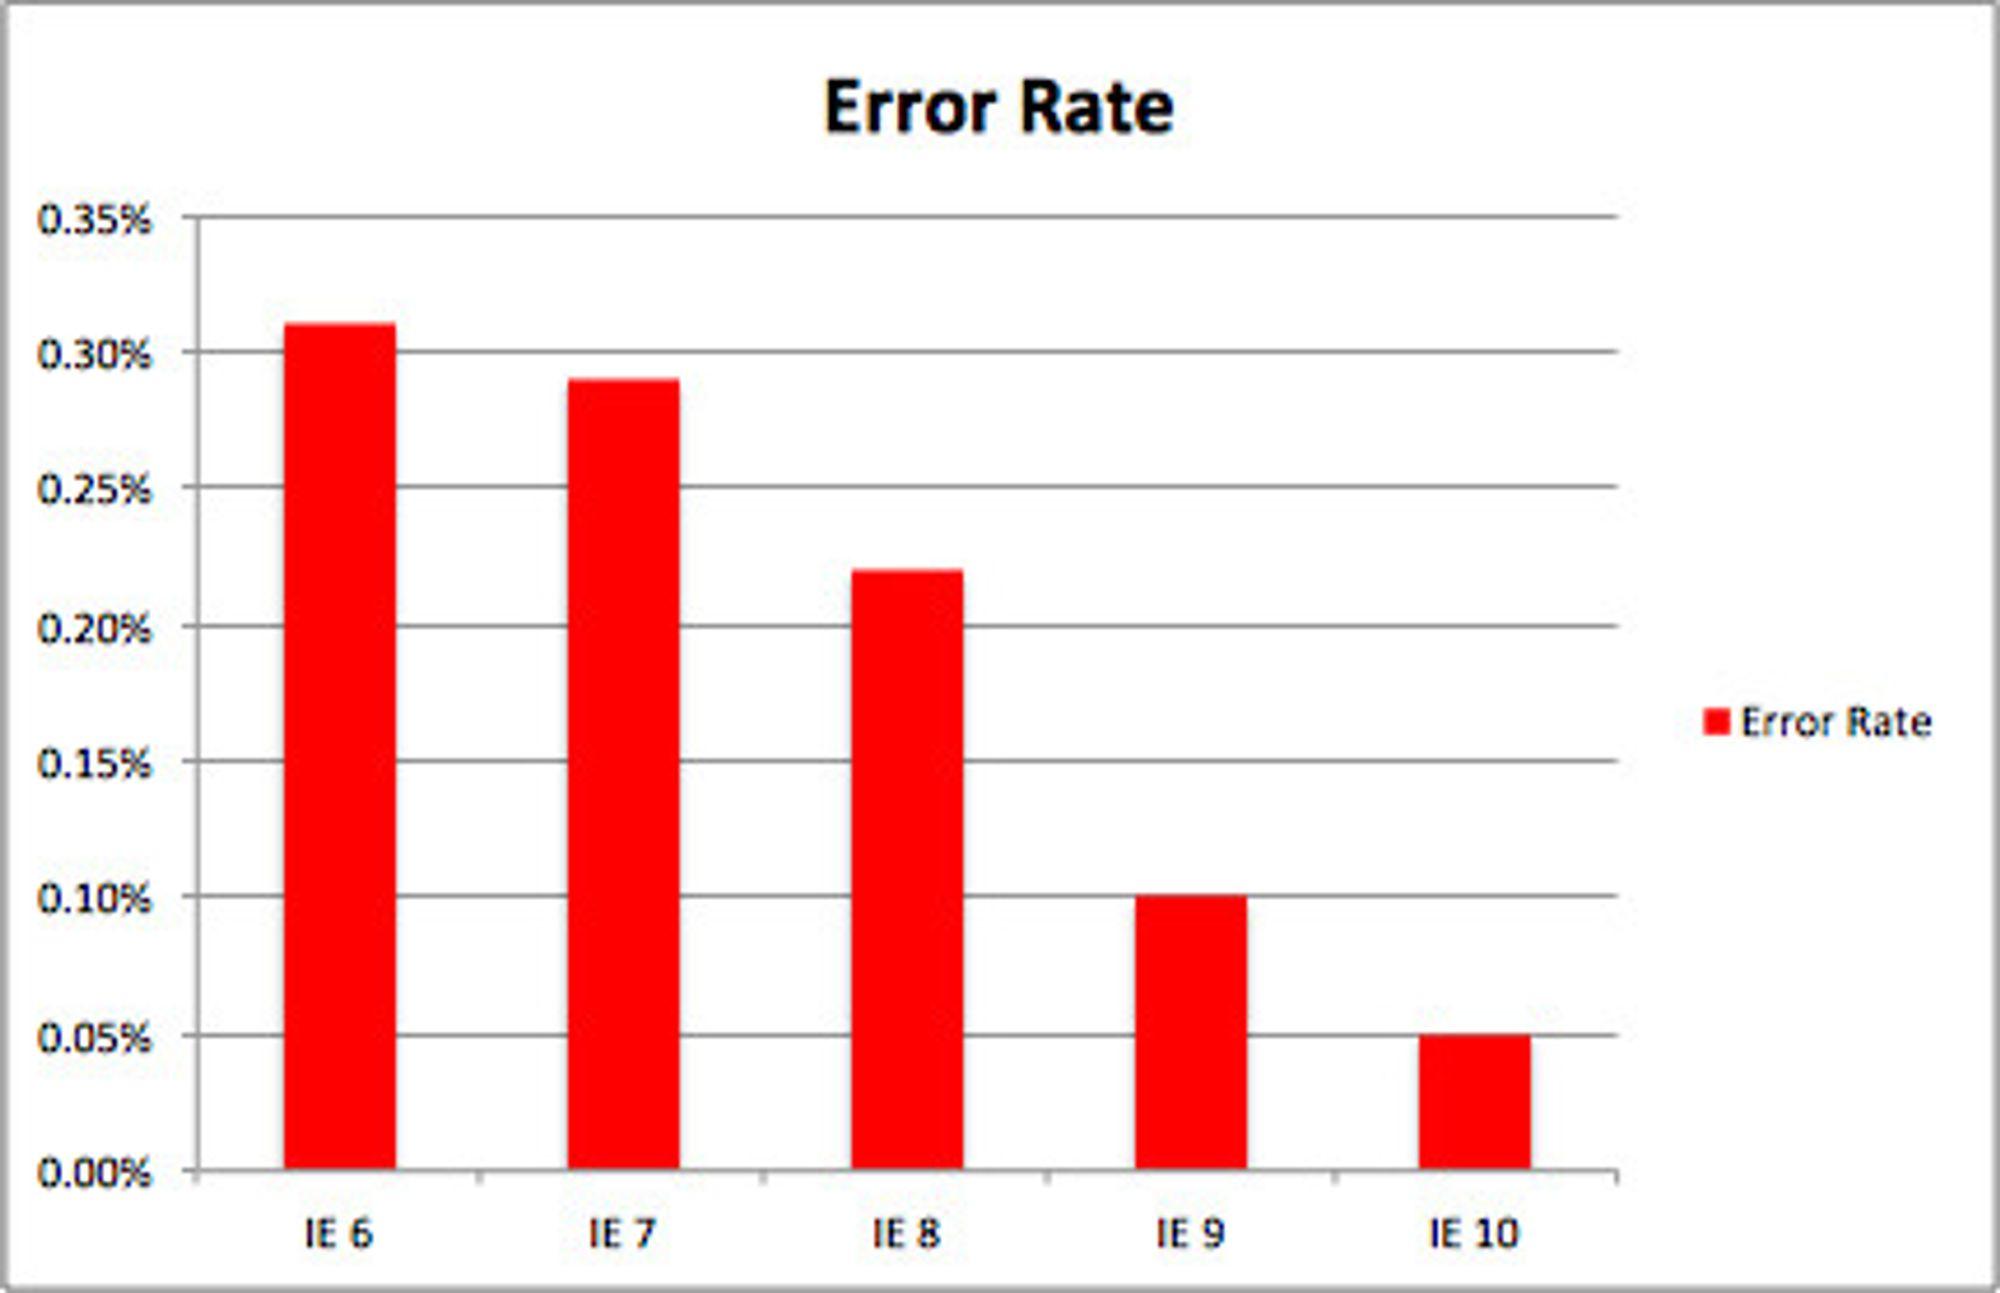 Feilraten til Internet Explorer har falt med hver versjon. Særlig IE9 var en kraftig forbedring, sammenlignet med forgjengerne.